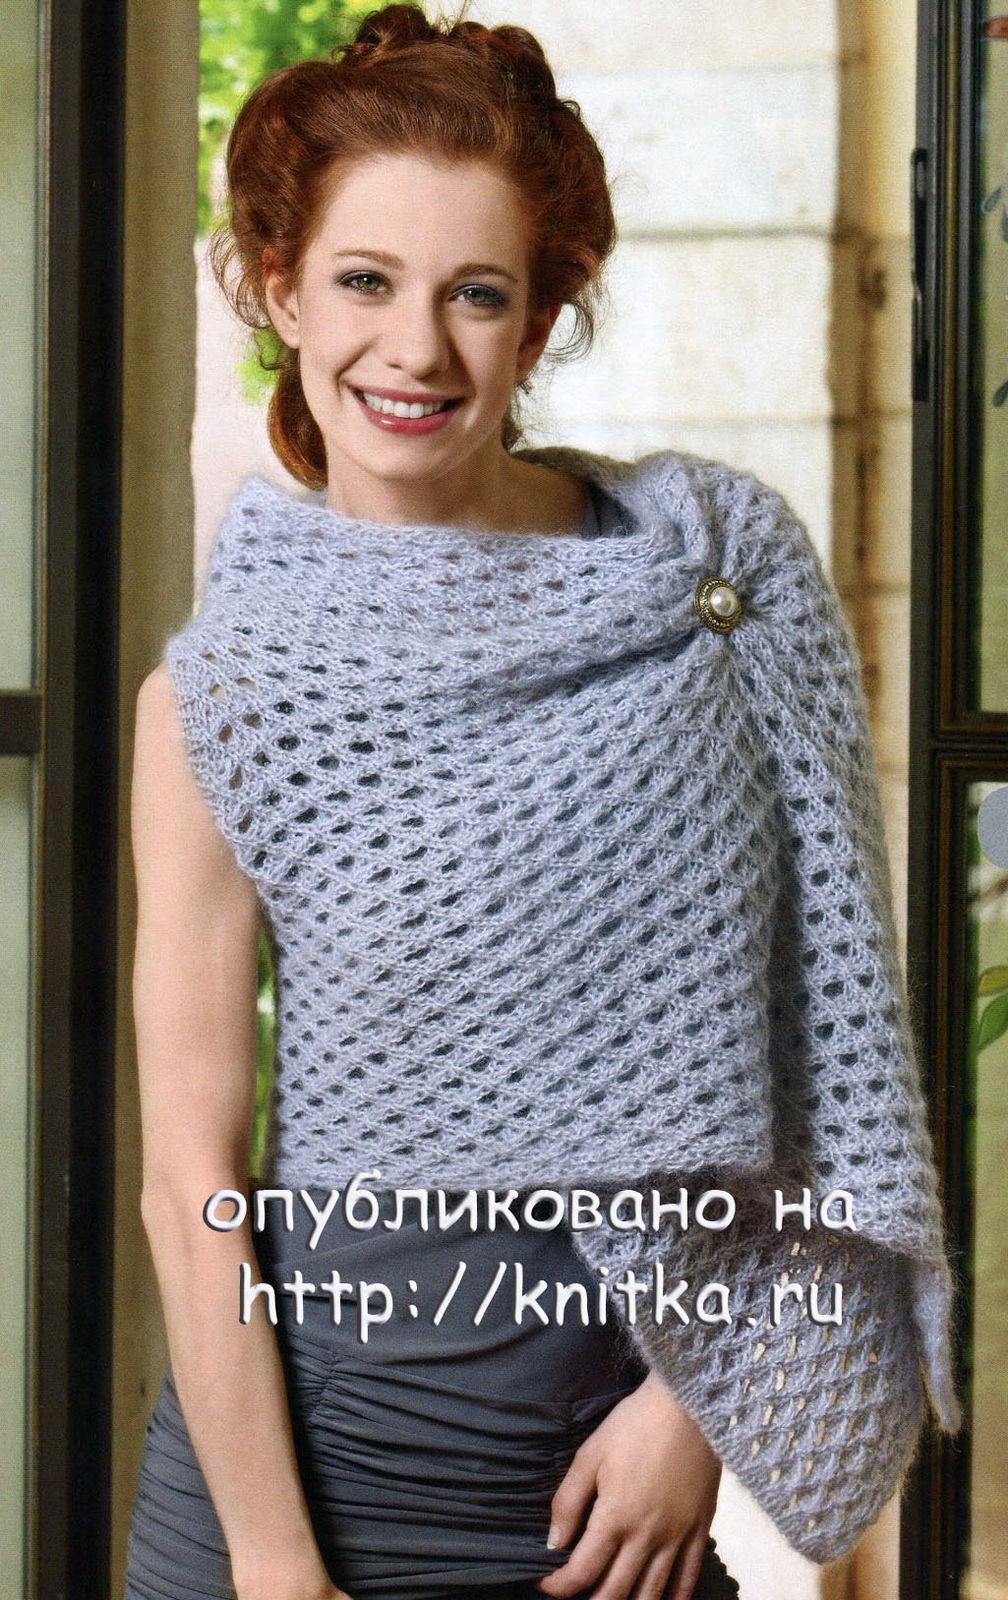 АЖУРНАЯ НАКИДКА, вязание спицами.  Для юных модниц: ажурный пуловер...